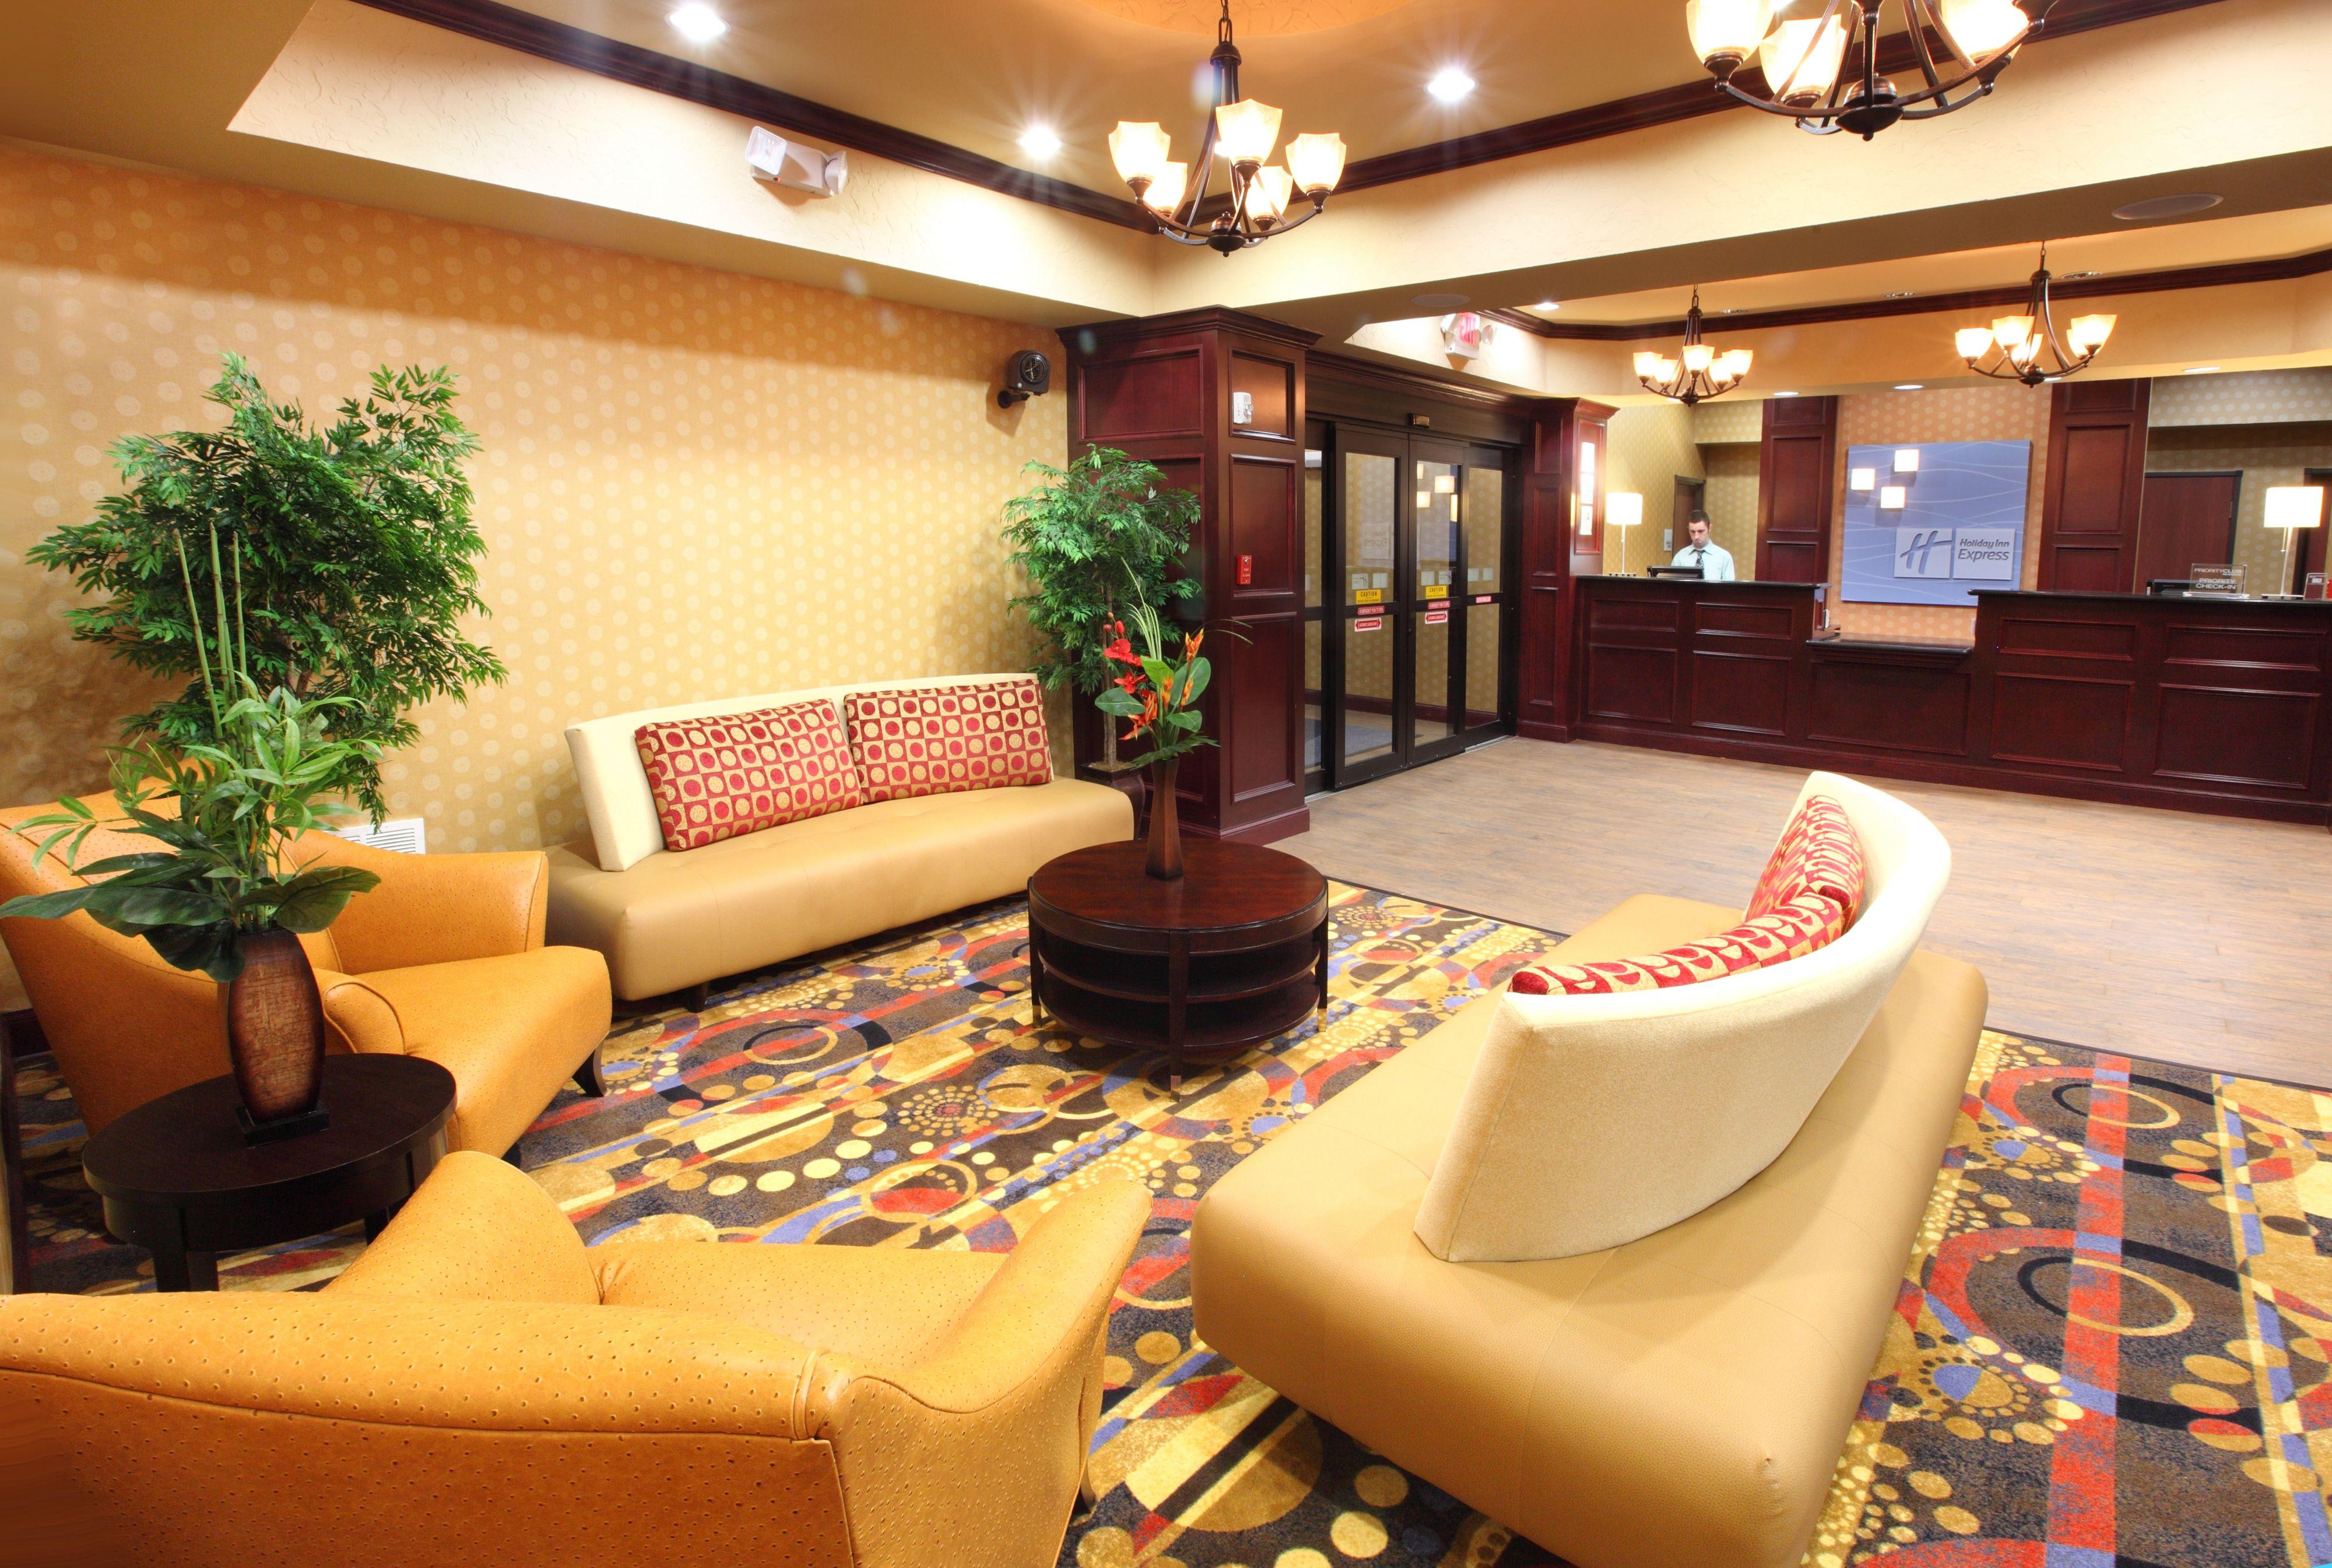 Holiday Inn Express & Suites Van Buren-Ft Smith Area image 6